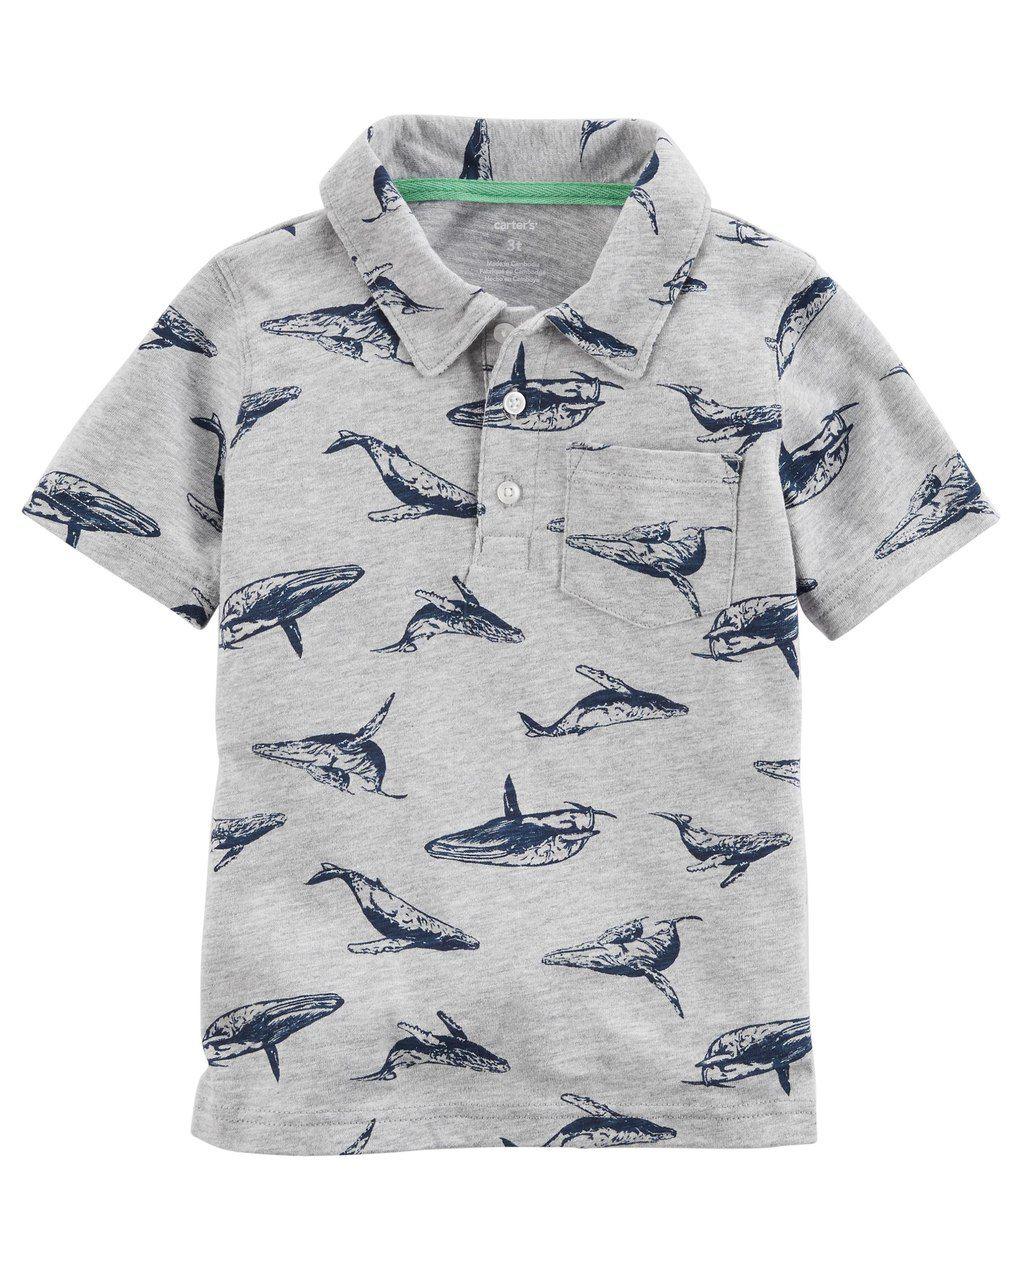 Camiseta Polo Baleias Carters